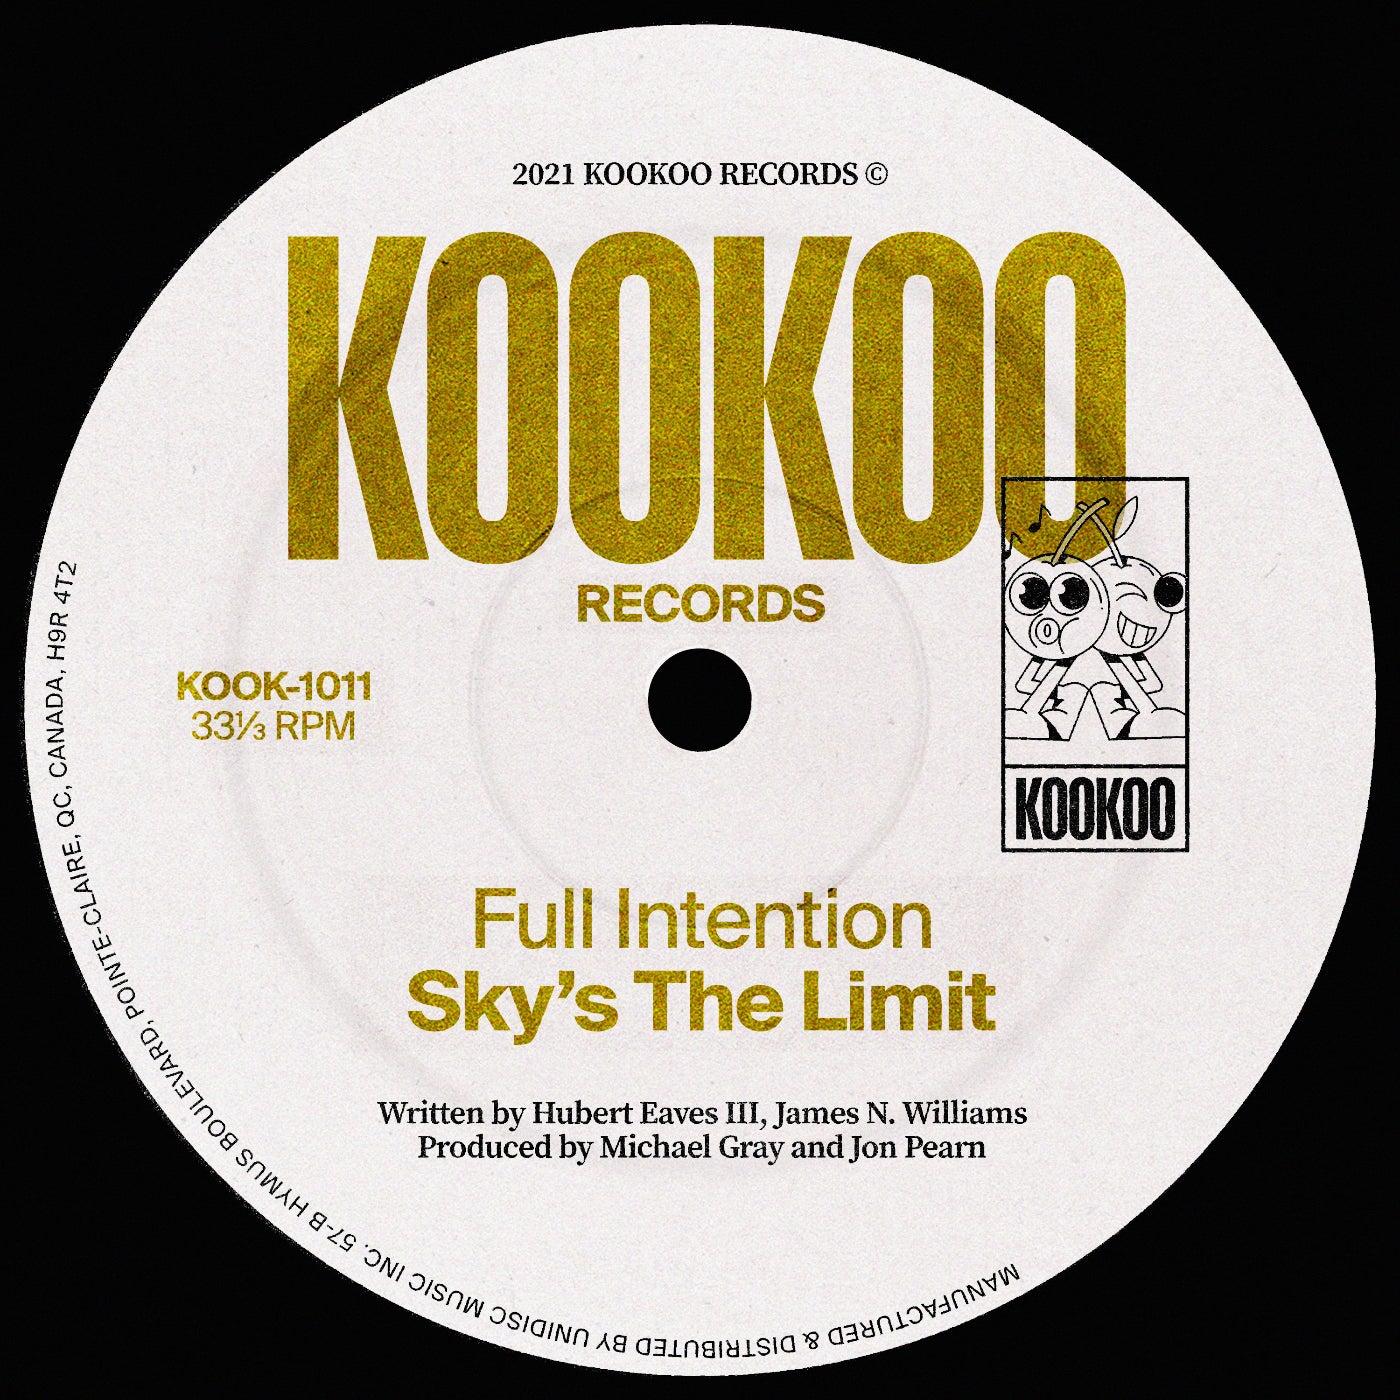 Sky's the Limit (Original Mix)